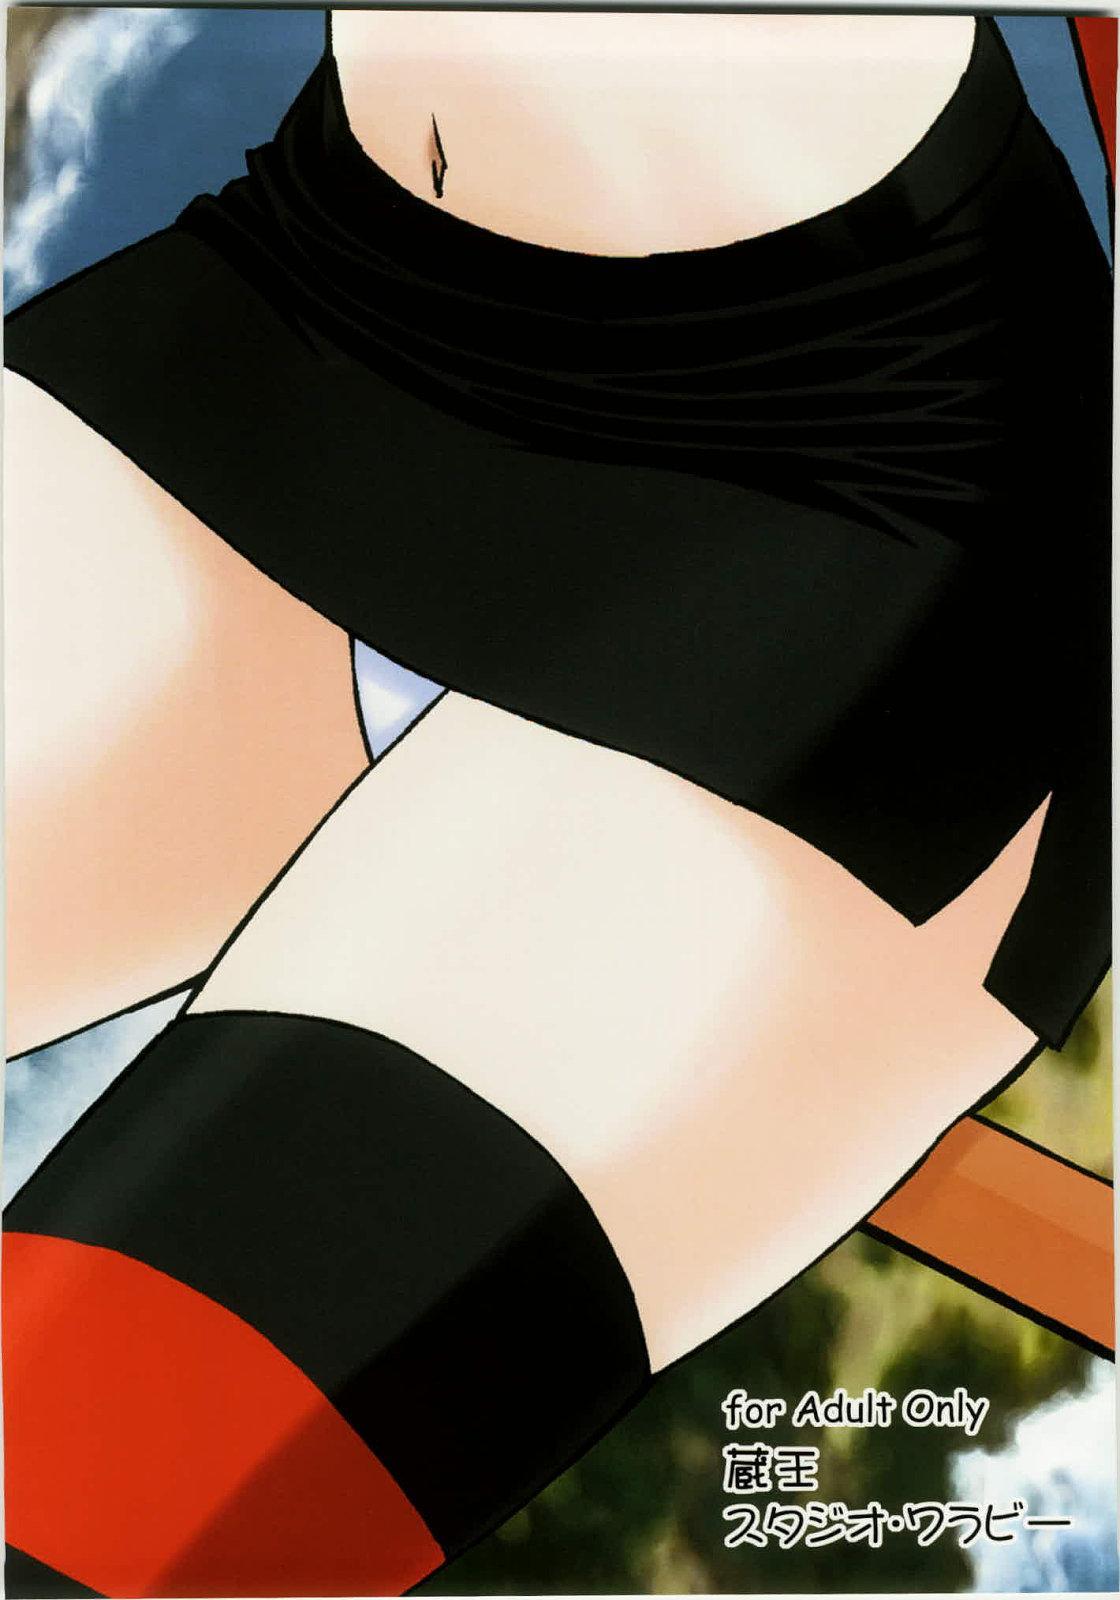 Mahou Shoujo Asuka 37